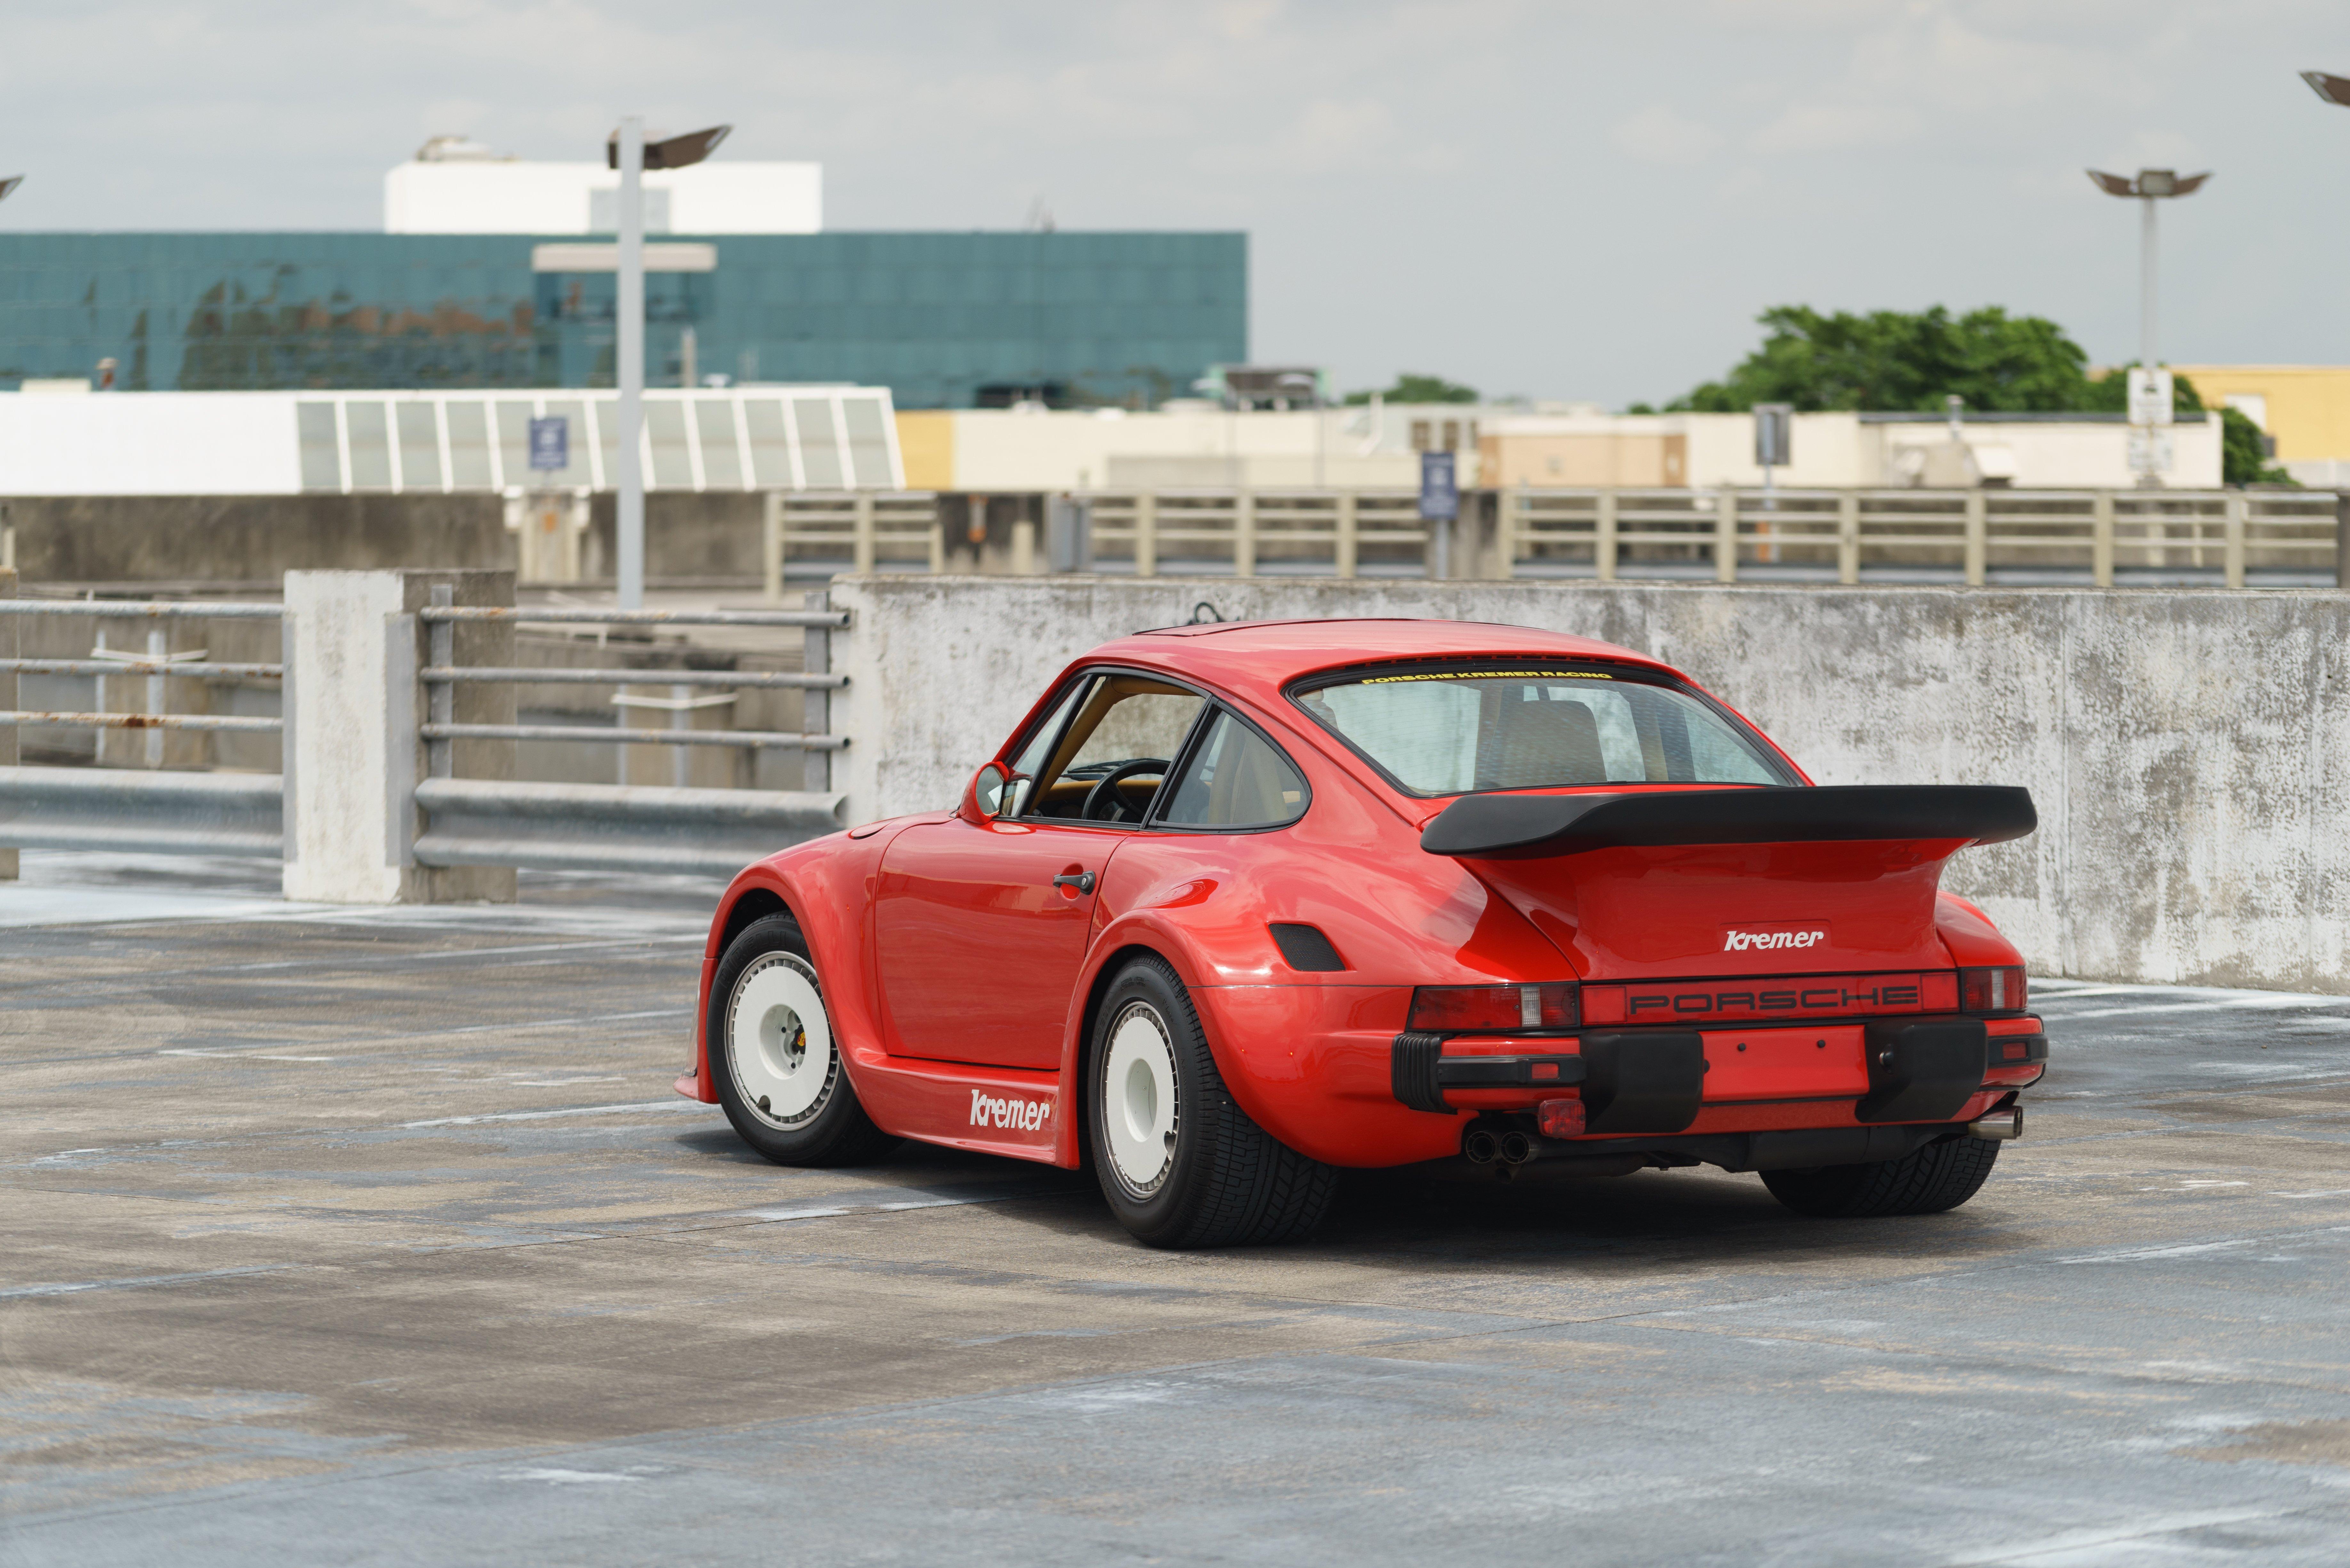 1986 Porsche 935 Kremer K2 Race Car Germany 02 Wallpaper 7344x4901 806824 Wallpaperup